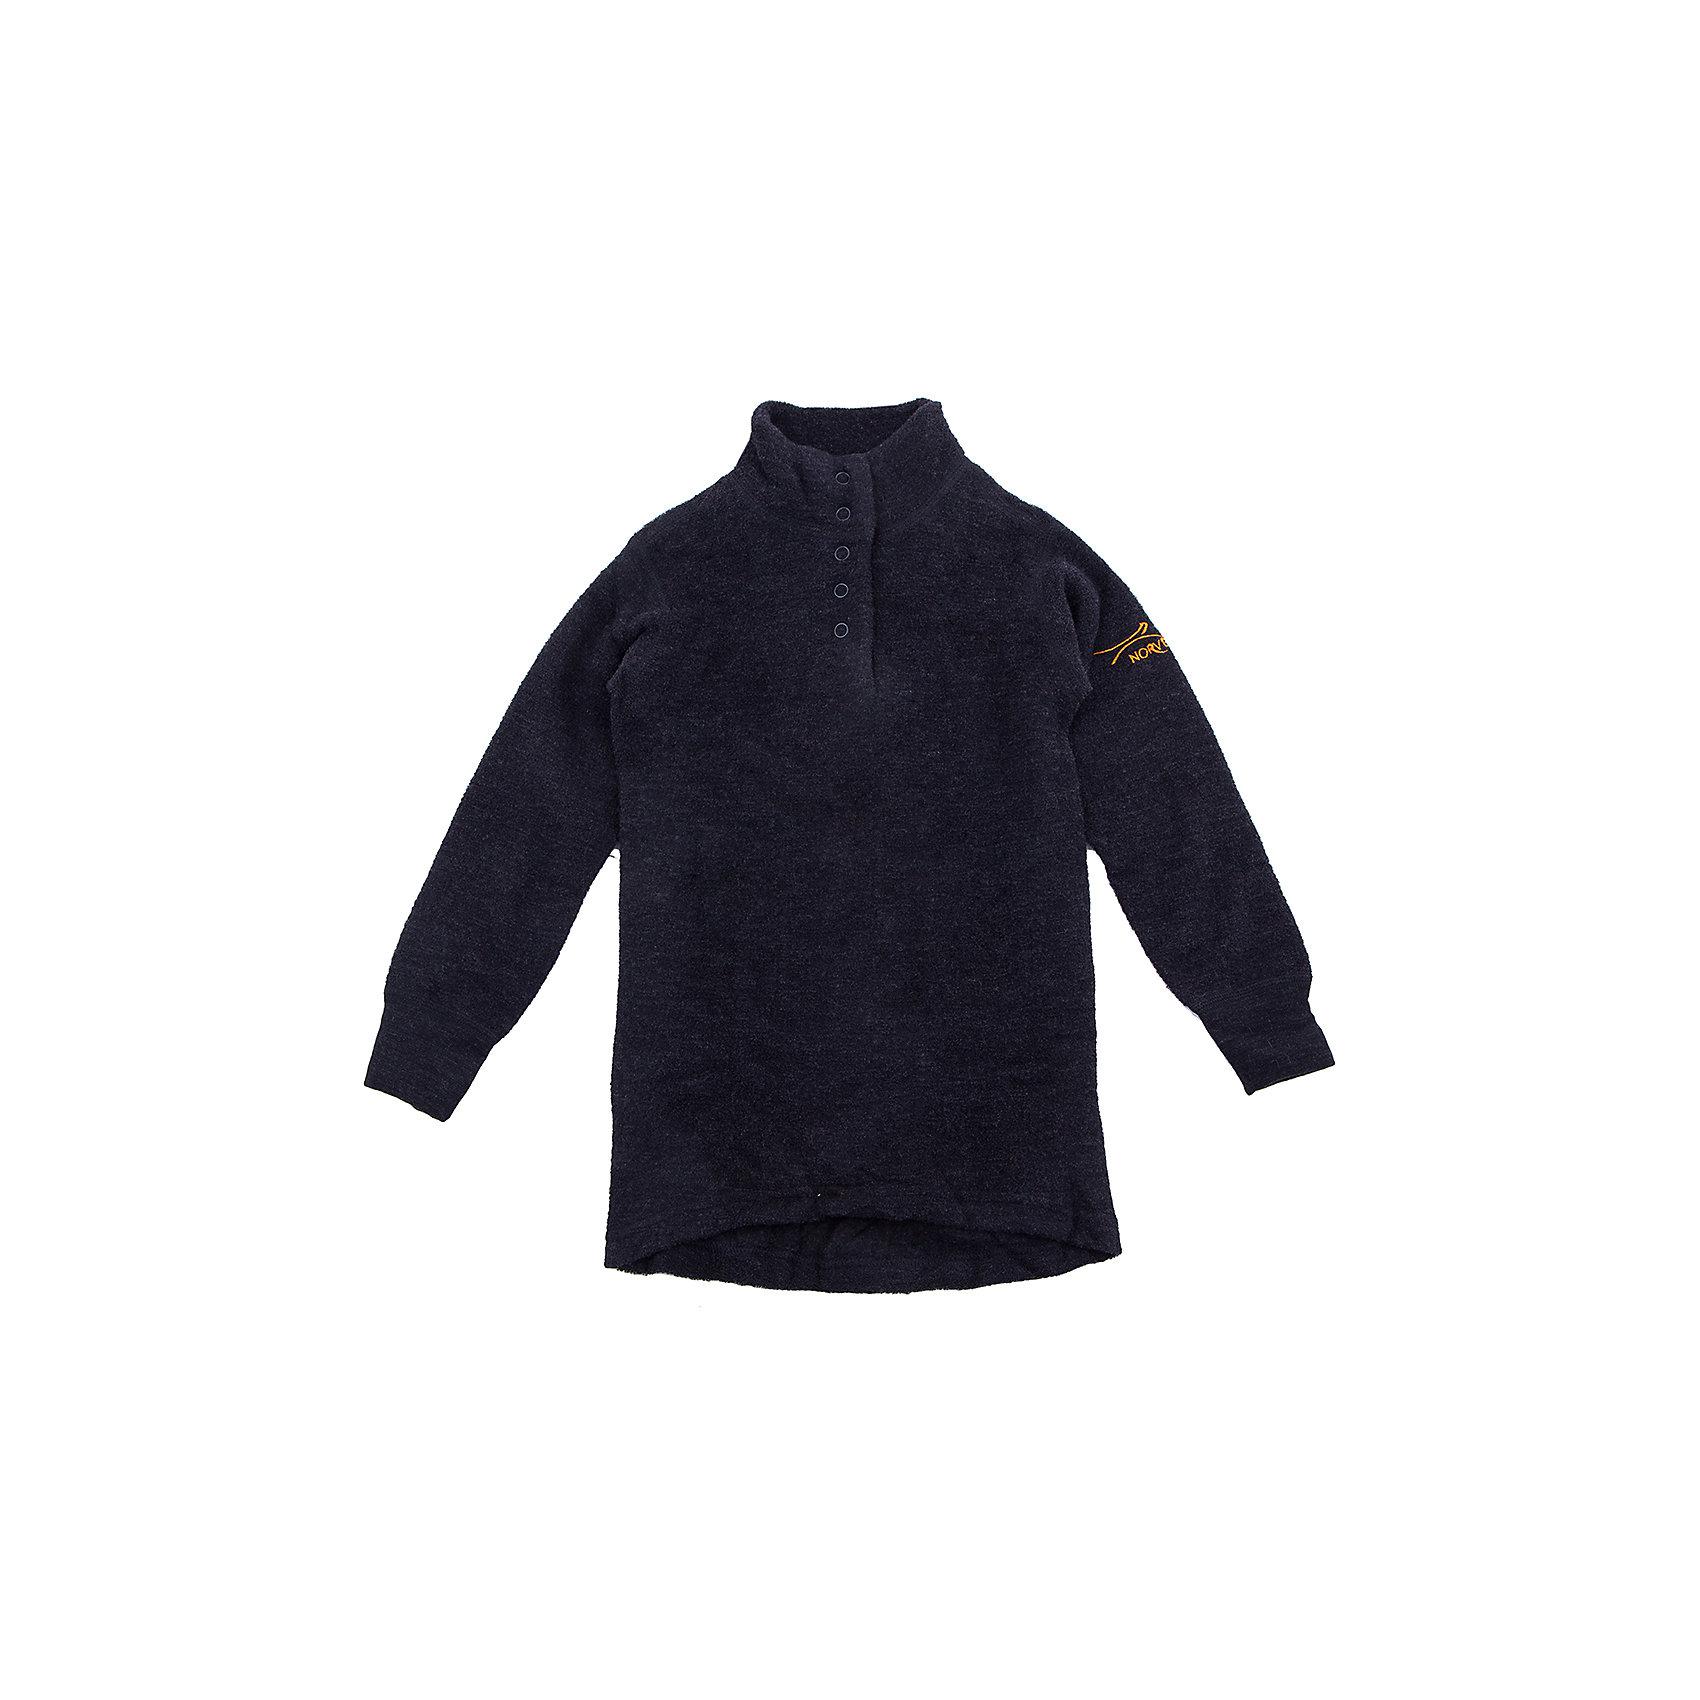 Футболка с длинным рукавом NorvegФутболка с длинным рукавом от известного бренда Norveg<br><br>Термофутболка с длинным рукавом Norveg -60 от немецкой компании Norveg (Норвег) - это удобная и красивая одежда, которая обеспечит комфортную терморегуляцию тела и на улице, и в помещении. <br>Она сделана из шерсти мериноса (австралийской тонкорунной овцы), которая обладает гипоаллергенными свойствами, поэтому не вызывает раздражения, даже если надета на голое тело.<br><br>Отличительные особенности модели:<br><br>- цвет: антрацит;<br>- удлиненная спинка;<br>- швы плоские, не натирают и не мешают движению;<br>- анатомические резинки;<br>- материал впитывает влагу и сразу выводит наружу;<br>- анатомический крой;<br>- подходит и мальчикам, и девочкам;<br>- не мешает под одеждой.<br><br>Дополнительная информация:<br><br>- Температурный режим: от - 60°  С  до -5° С.<br><br>- Состав: 100% шерсть мериносов<br>Футболку с длинным рукавом Norveg (Норвег) можно купить в нашем магазине.<br><br>Ширина мм: 199<br>Глубина мм: 10<br>Высота мм: 161<br>Вес г: 151<br>Цвет: синий<br>Возраст от месяцев: 60<br>Возраст до месяцев: 72<br>Пол: Мужской<br>Возраст: Детский<br>Размер: 116,146,152,92,98,104,122,128,134,140,110<br>SKU: 4224571